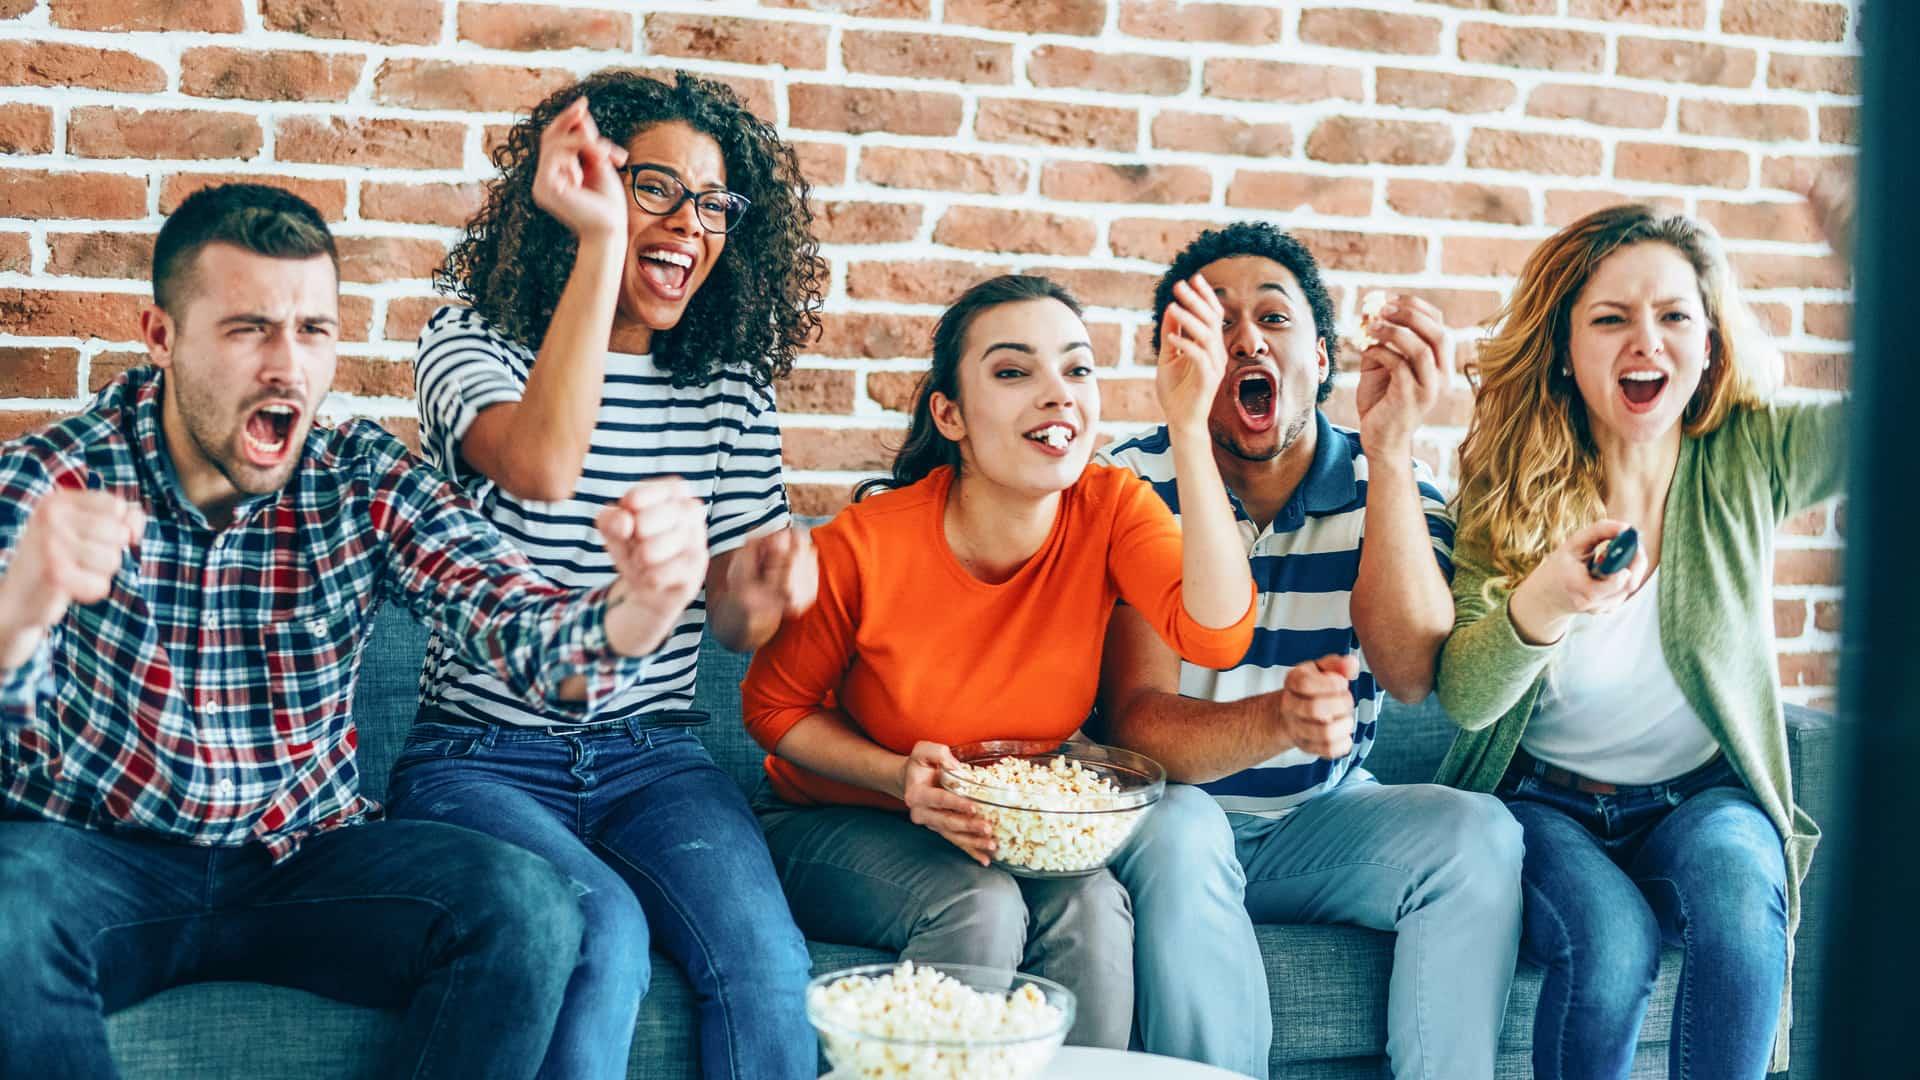 Personas viendo partido de fútbol representan euskaltel tv